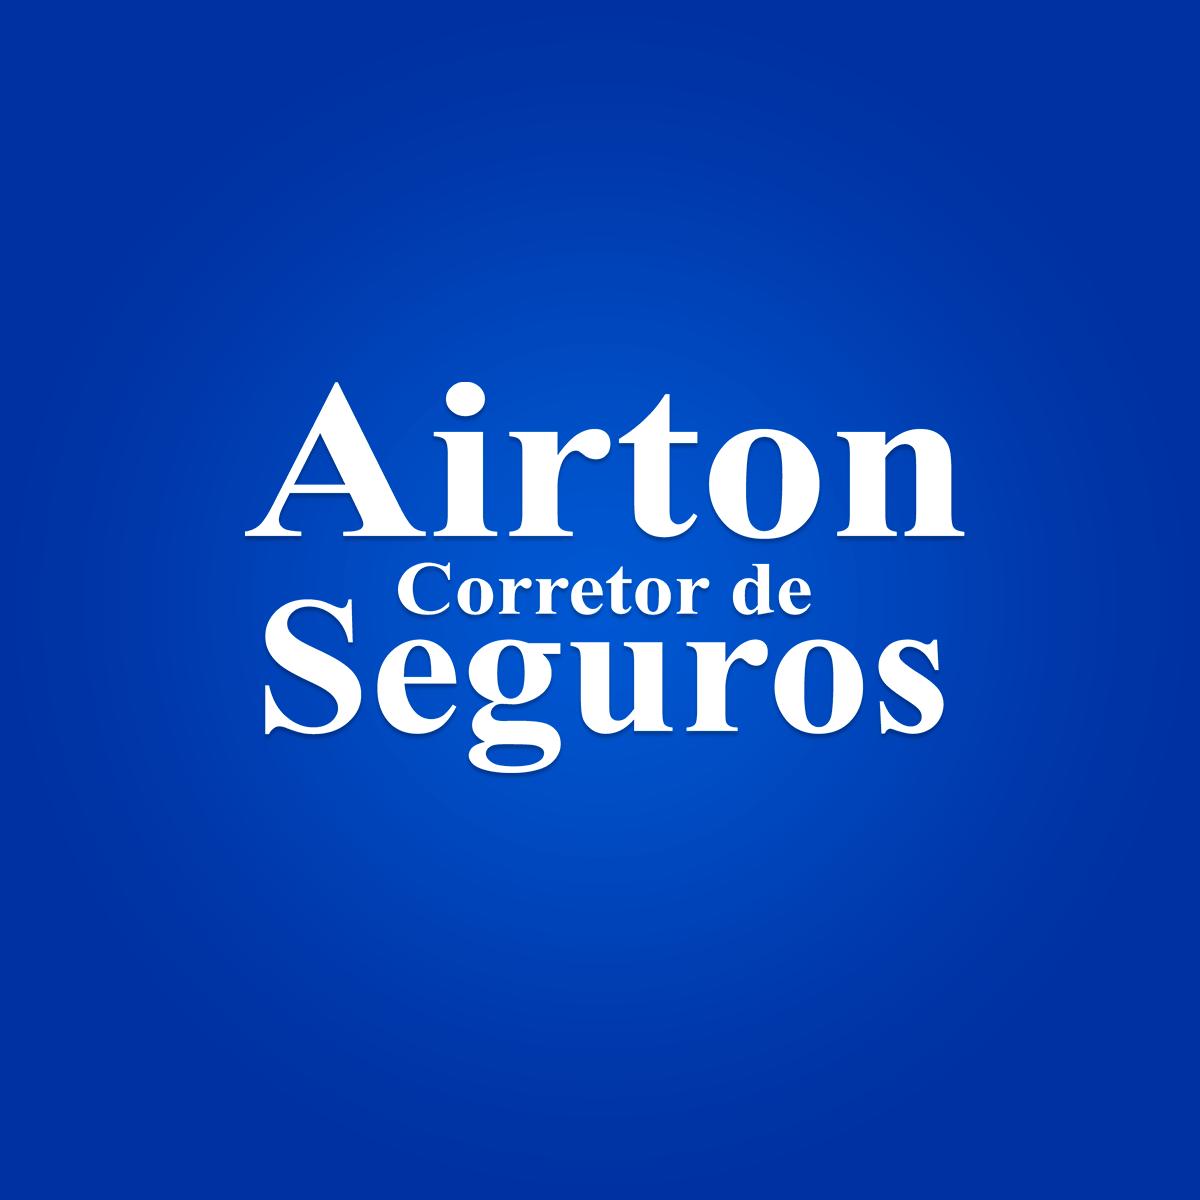 Airton Seguros